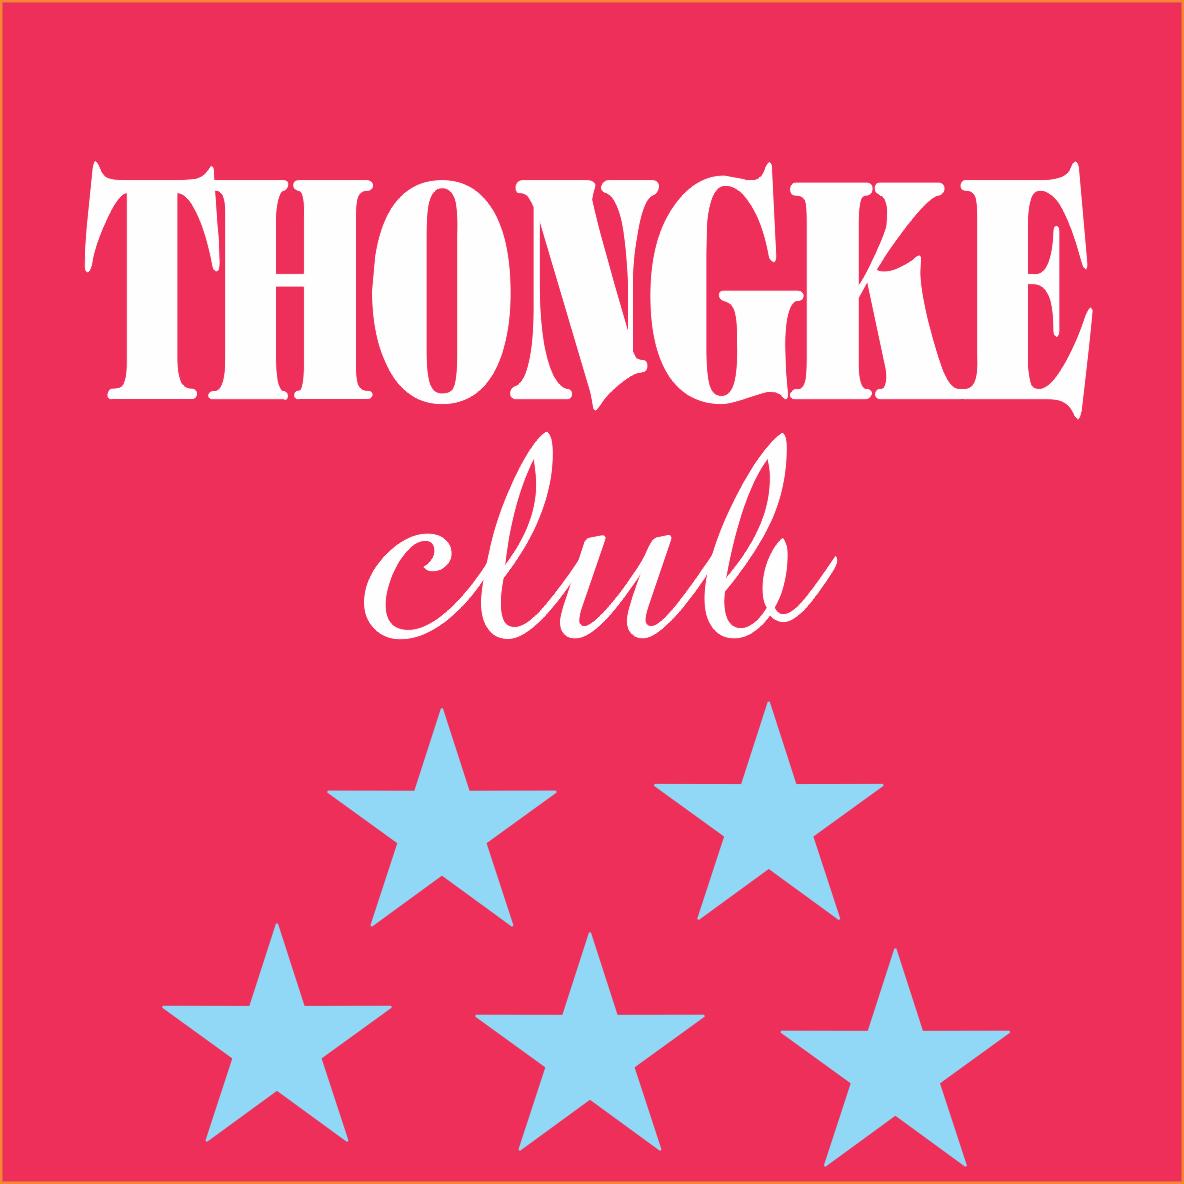 tkongke - Hướng dẫn download tài liệu luận văn từ web thongke.club